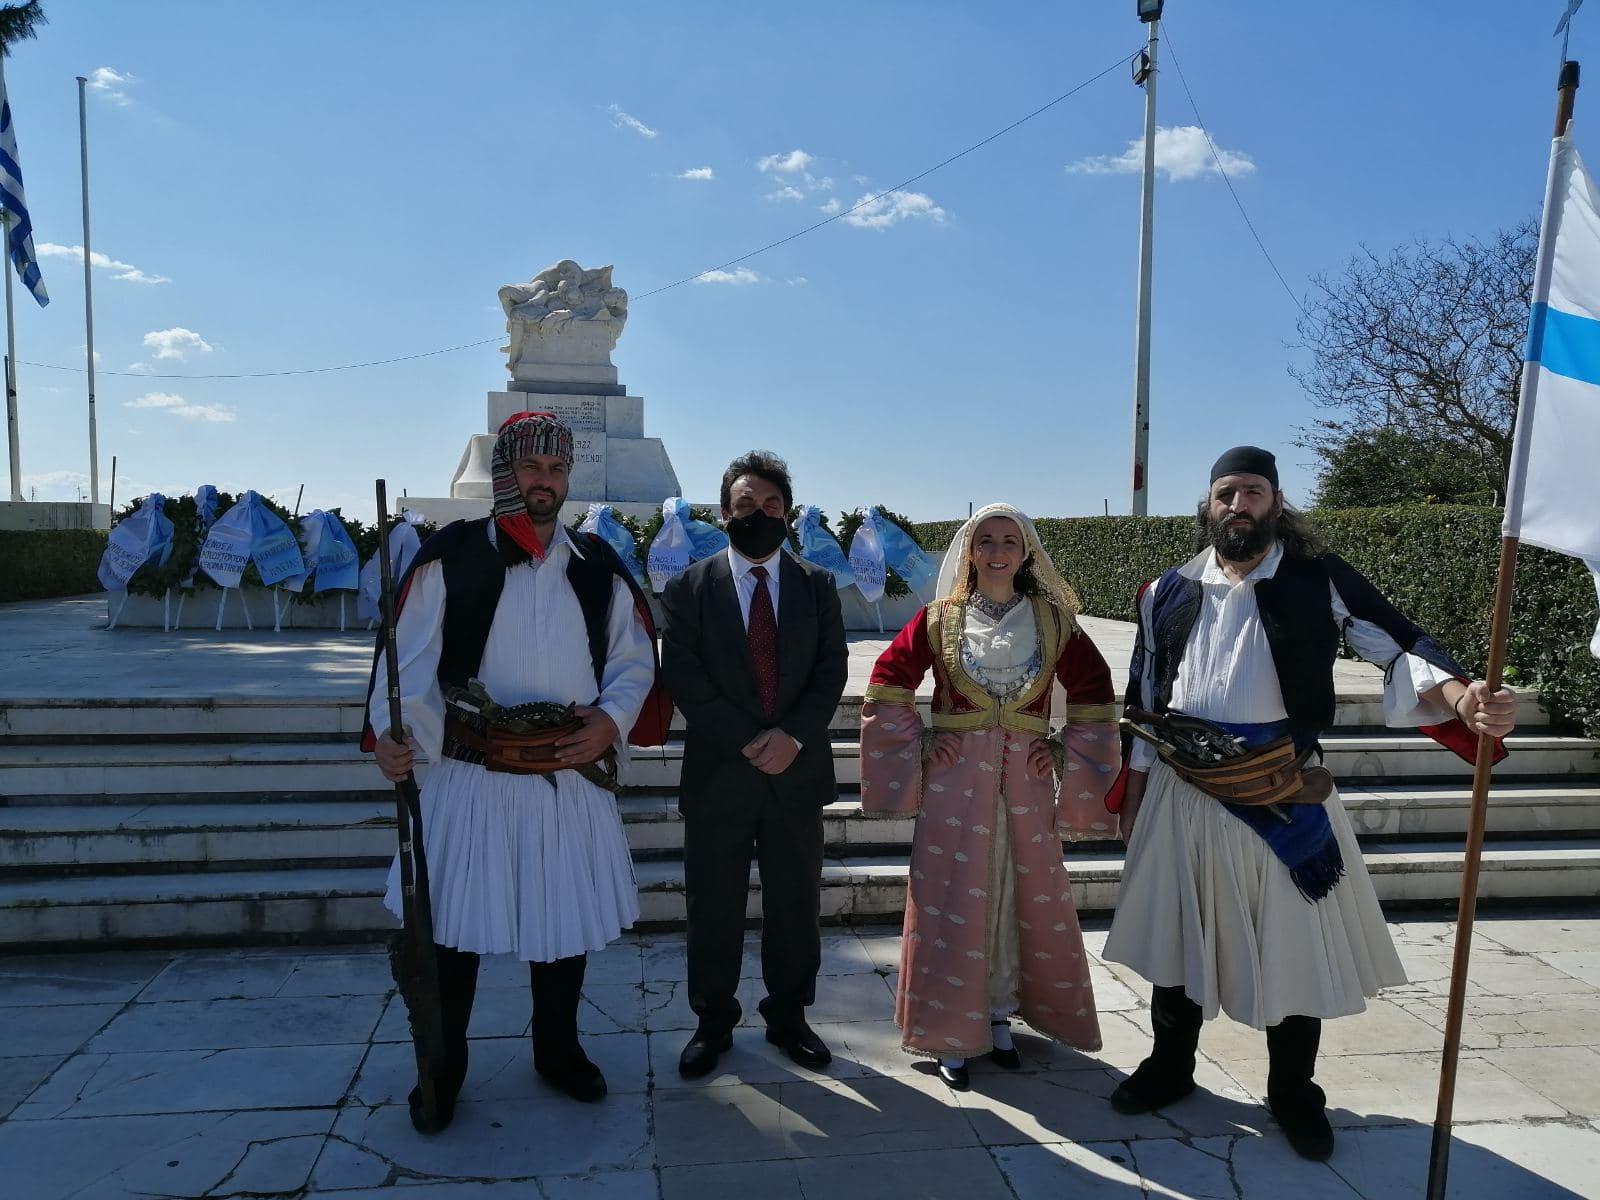 Δήμος Πύργου: Με δοξολογία στο Μητροπολιτικό Ναό Αγ. Νικολάου και κατάθεση στεφάνων στο Μνημείο Ηρώων ο φετινός εορτασμός της 25ης Μαρτίου (photos)